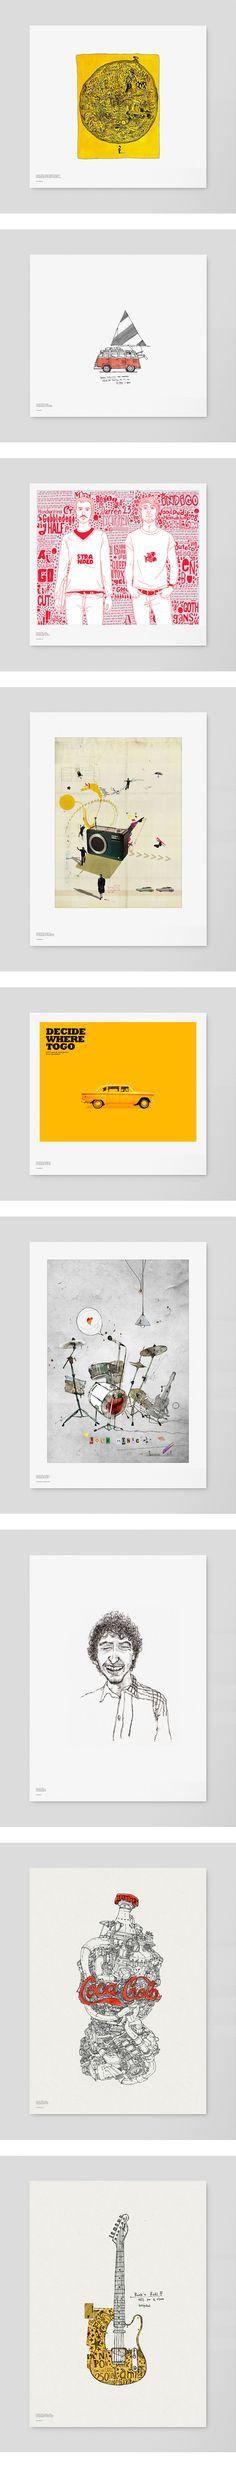 Illustration Various 01 by DongGeun Lee, via Behance